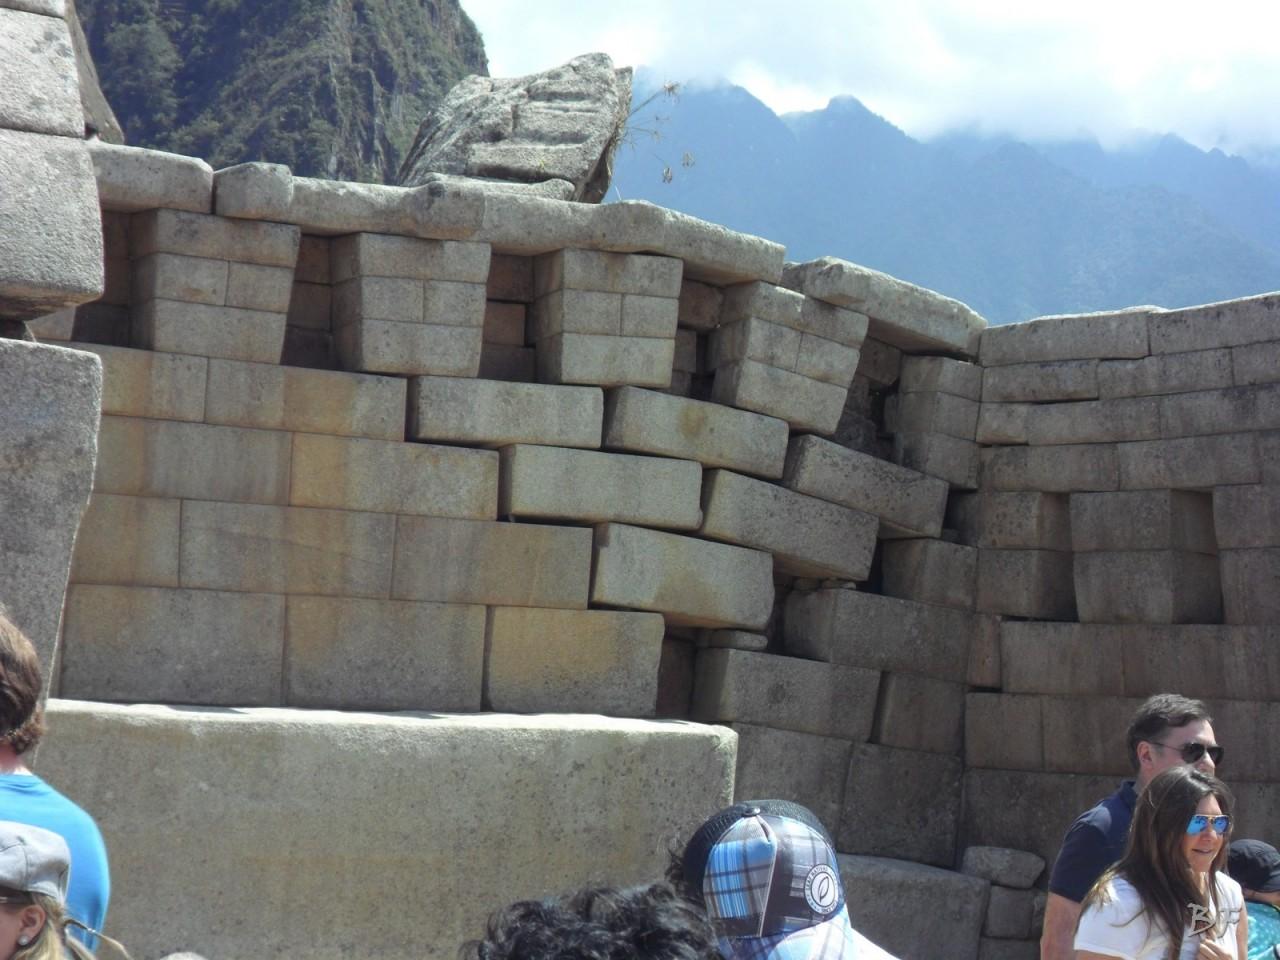 Mura-Poligonali-Incisioni-Altari-Edifici-Rupestri-Megaliti-Machu-Picchu-Aguas-Calientes-Urubamba-Cusco-Perù-53